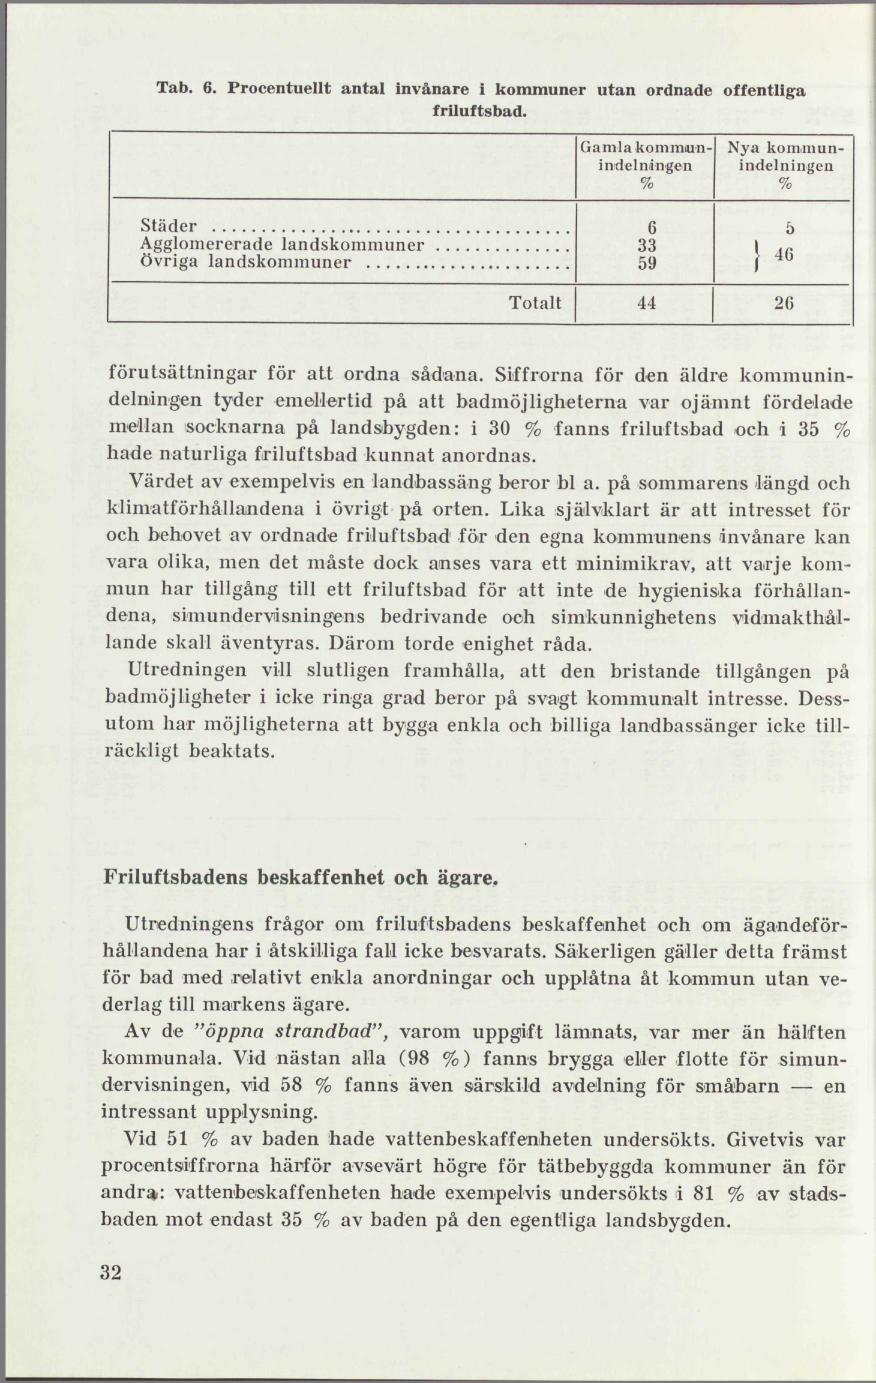 Kulturtidskrift kliver in i 00 talet